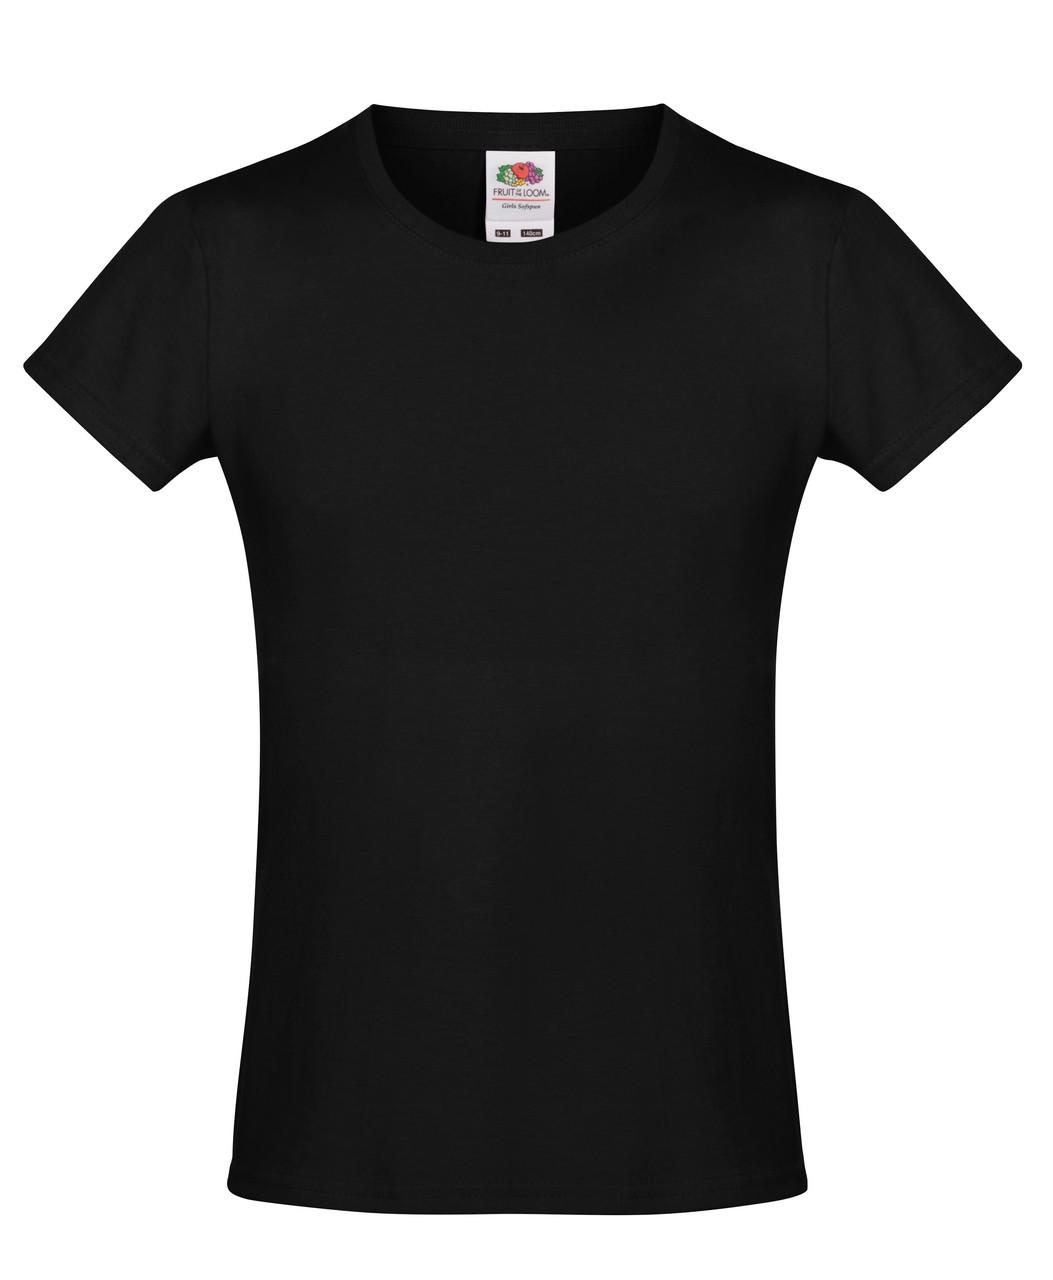 Детская футболка Мягкая для Девочек Чёрная Fruit of the loom 61-017-36 7-8